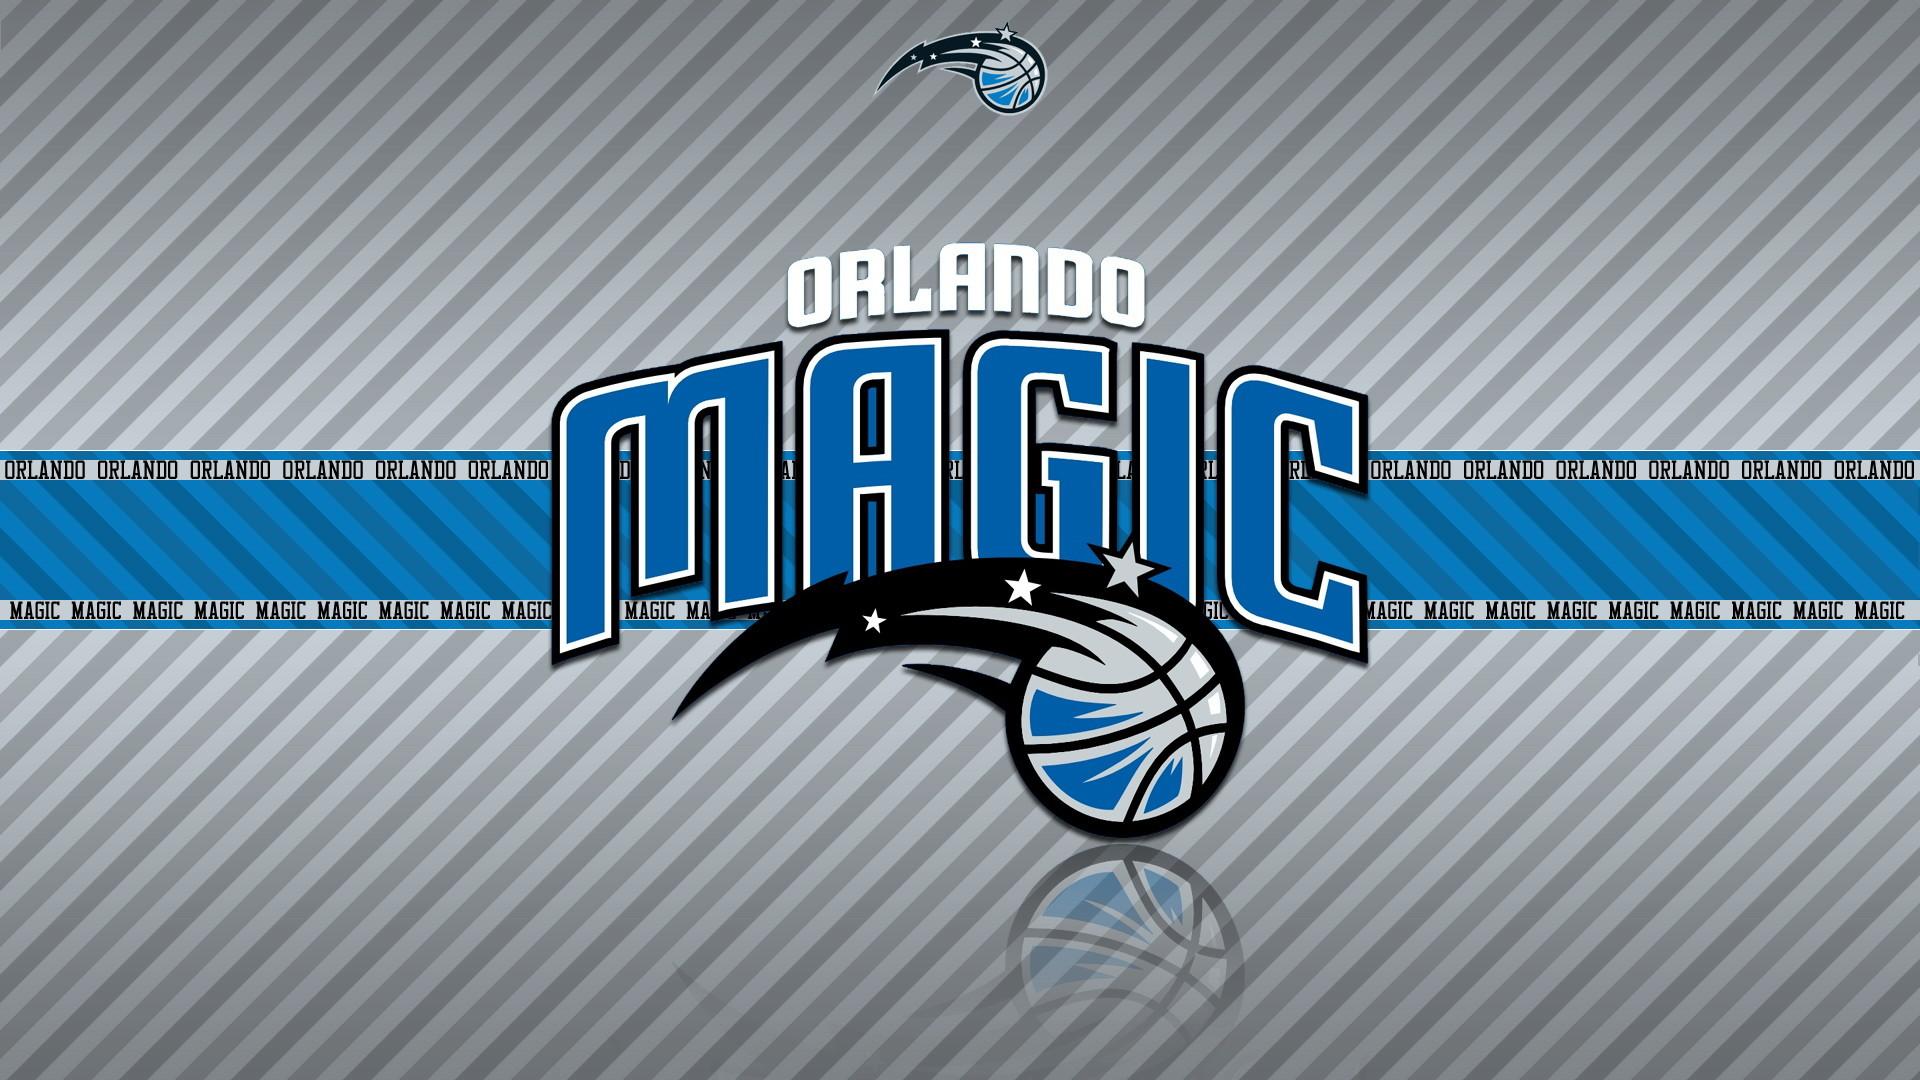 Free Vector Wallpaper: Orlando Magic NBA Team Logo